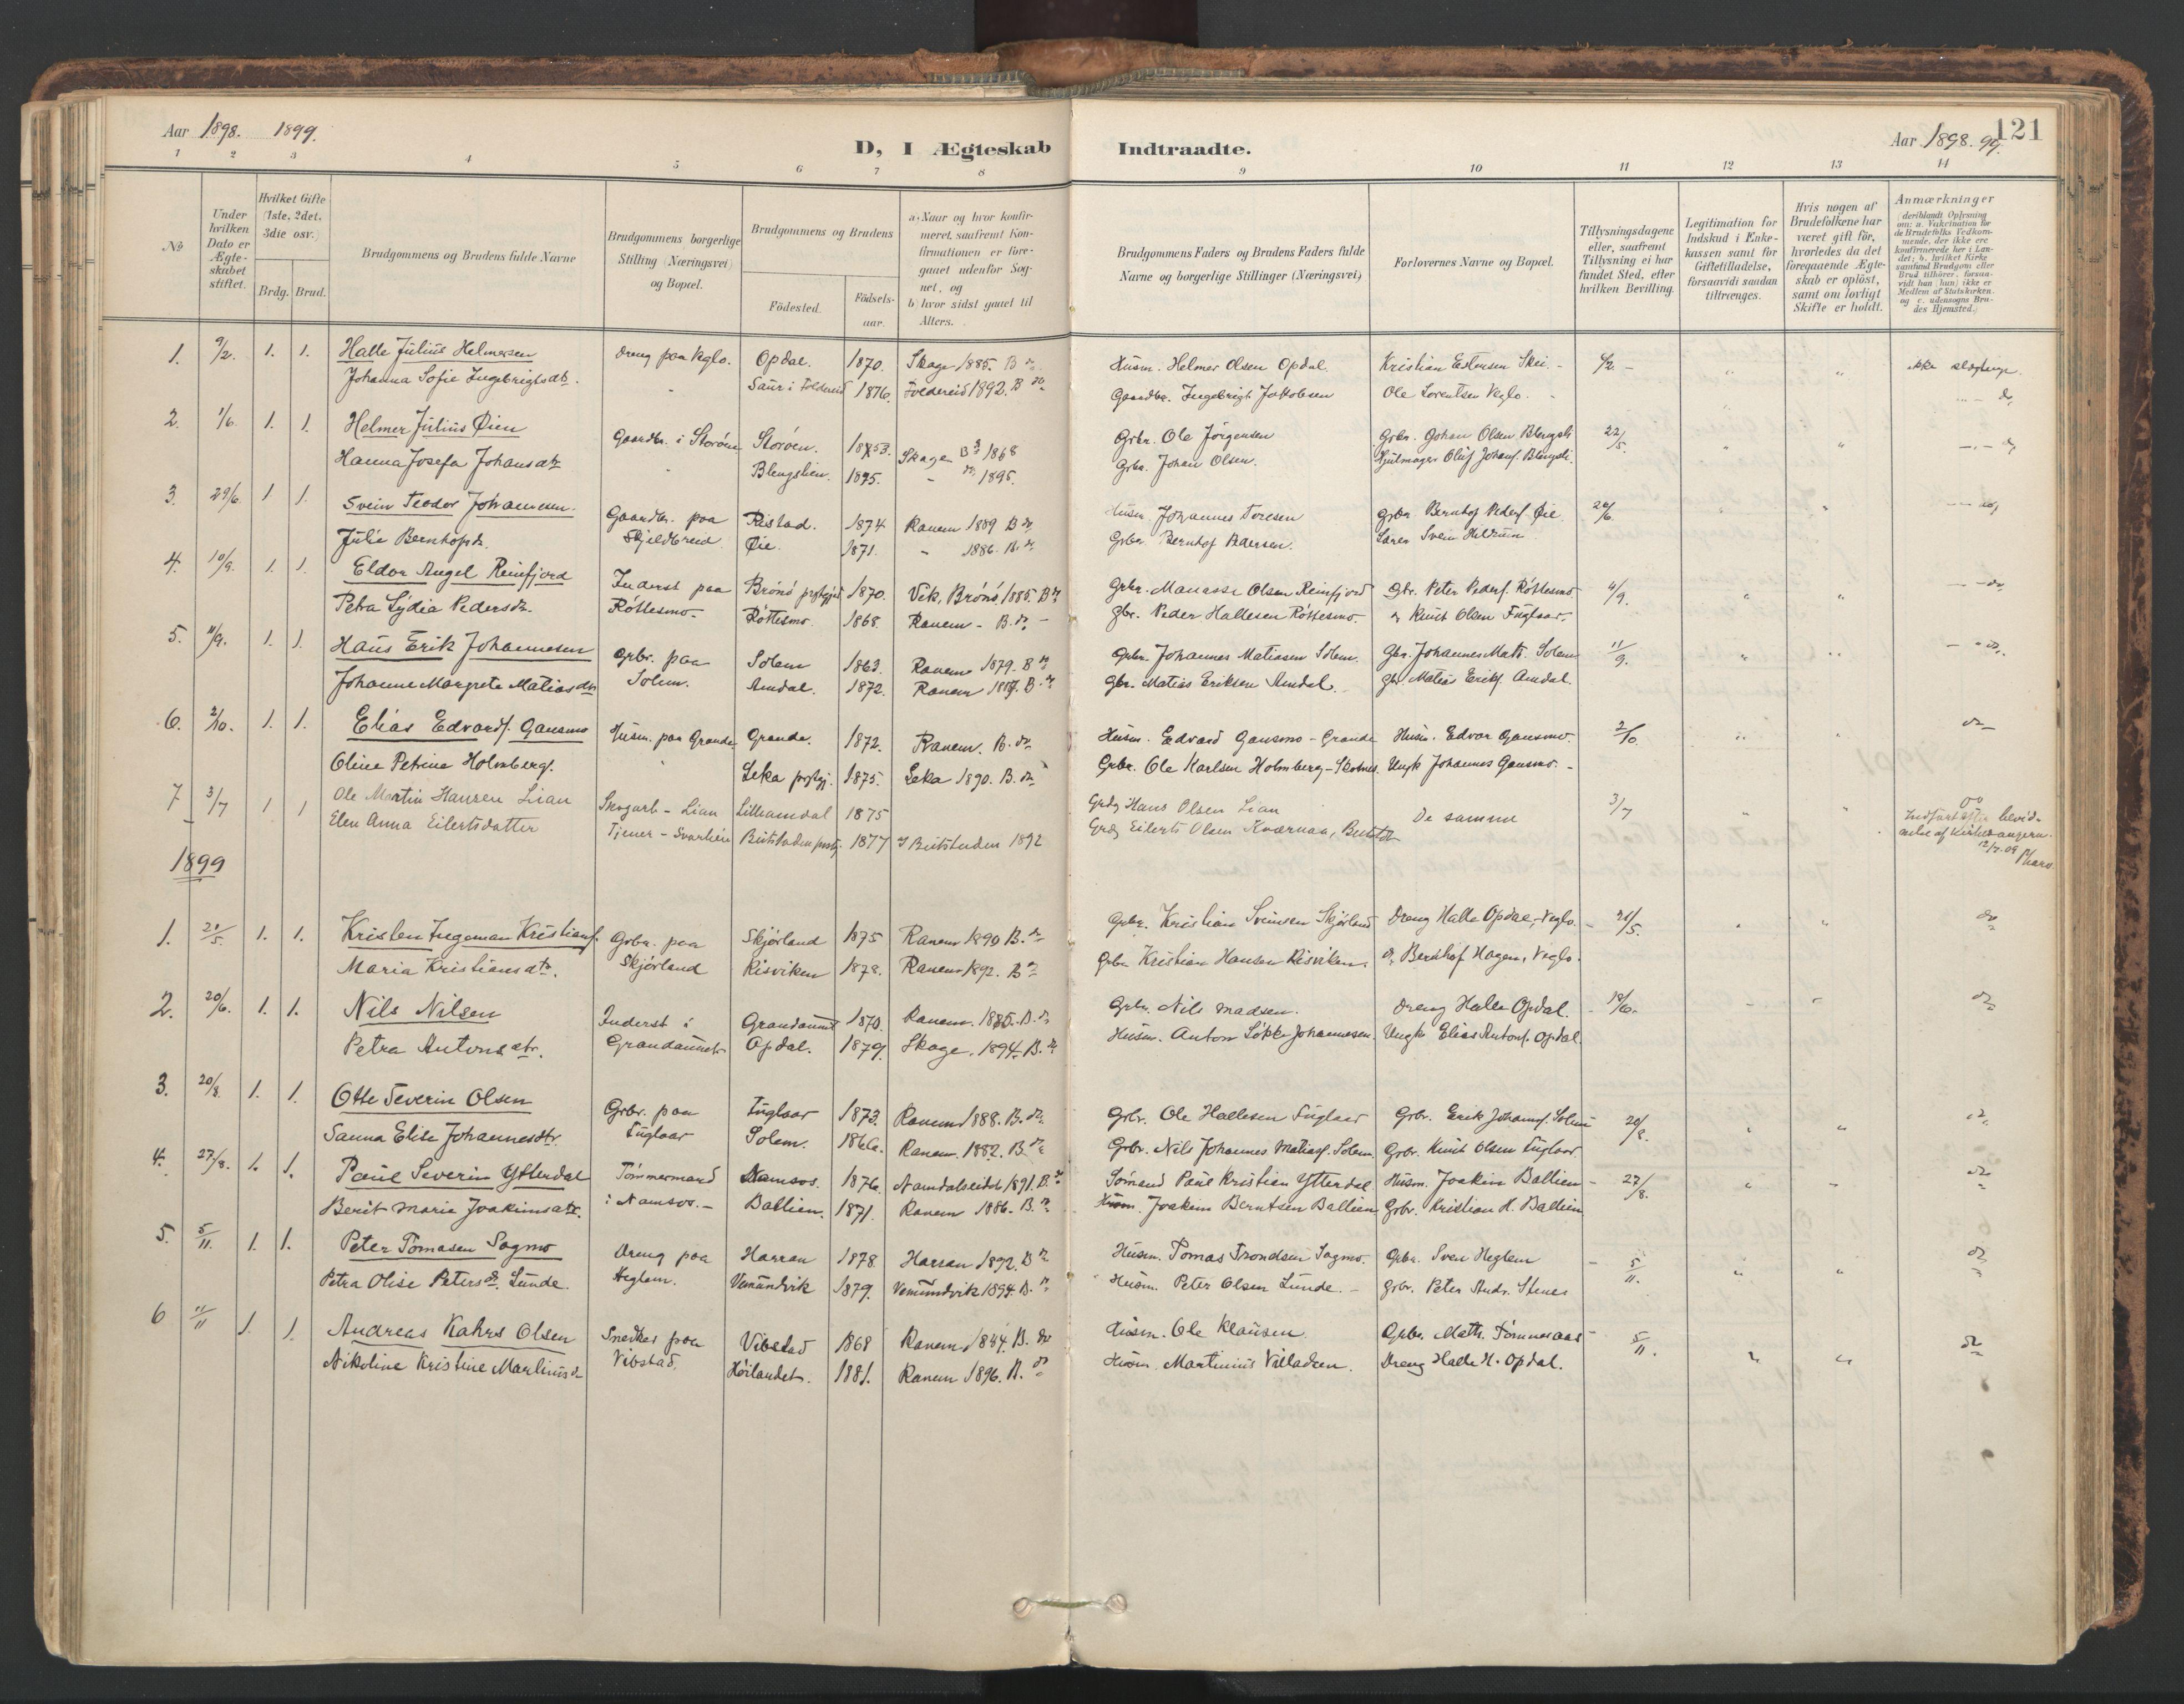 SAT, Ministerialprotokoller, klokkerbøker og fødselsregistre - Nord-Trøndelag, 764/L0556: Ministerialbok nr. 764A11, 1897-1924, s. 121